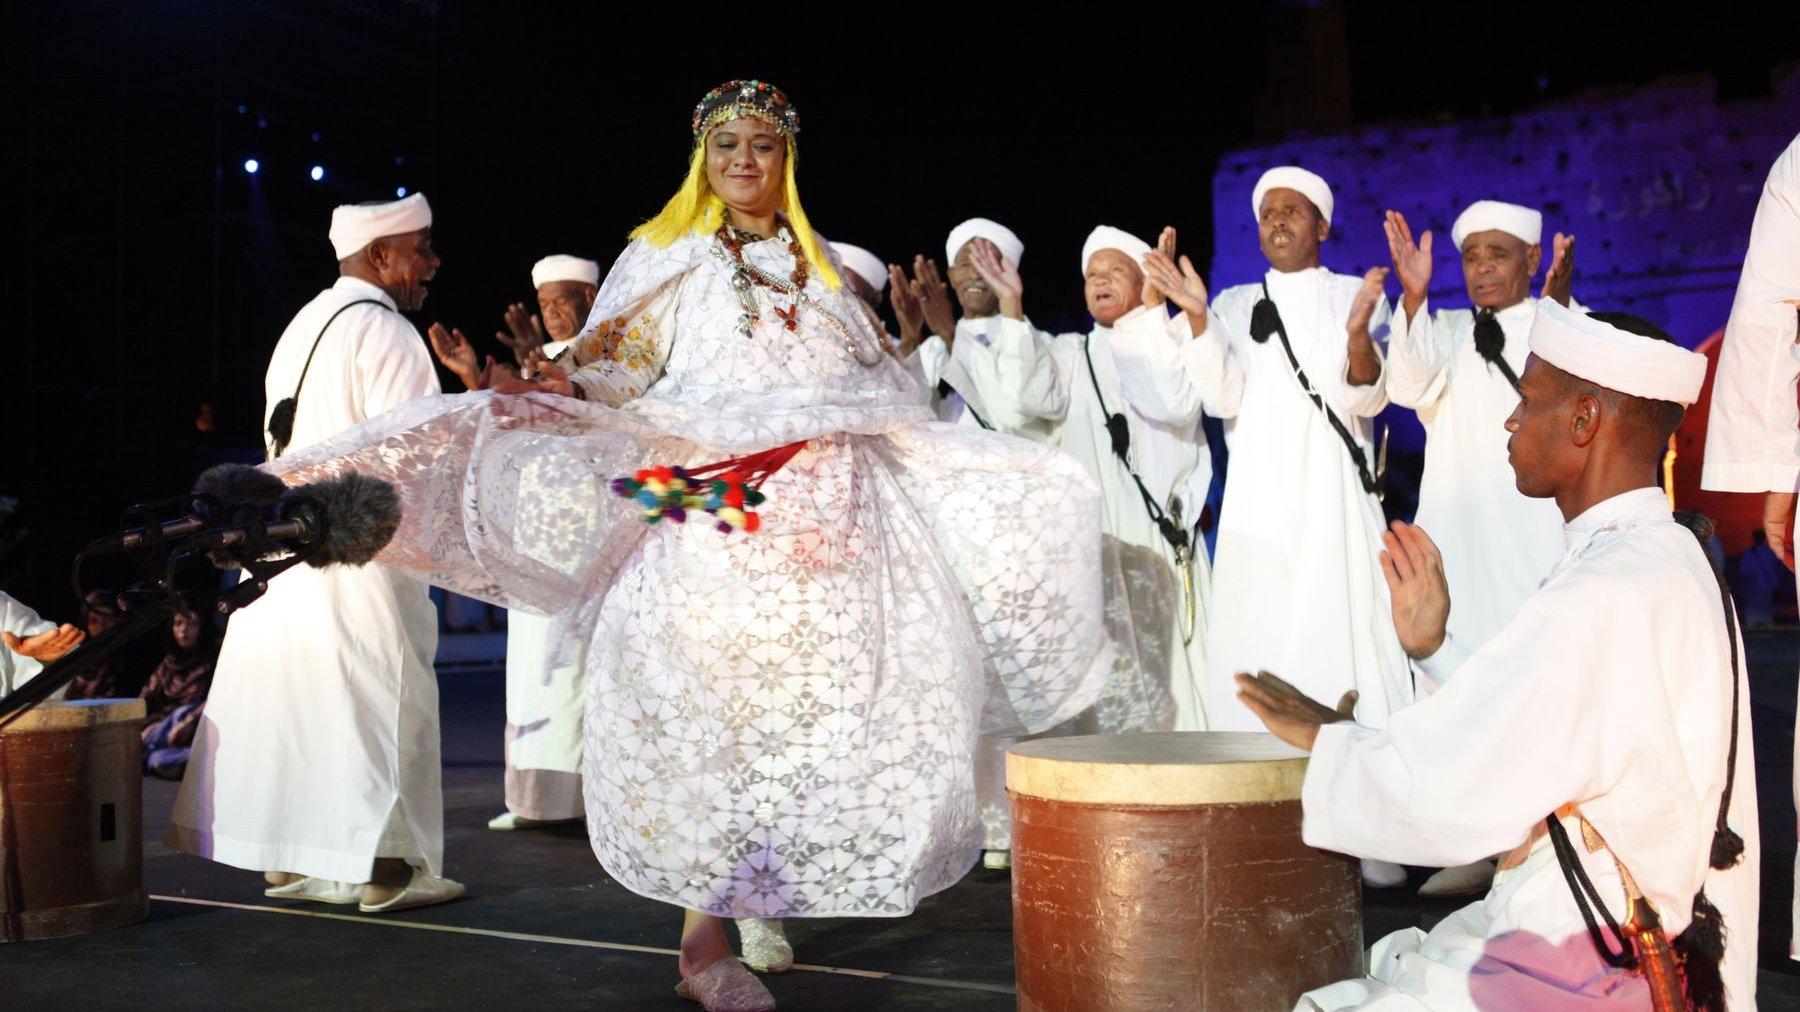 Le Festival National des Arts Populaires de Marrakech fête son demi-siècle